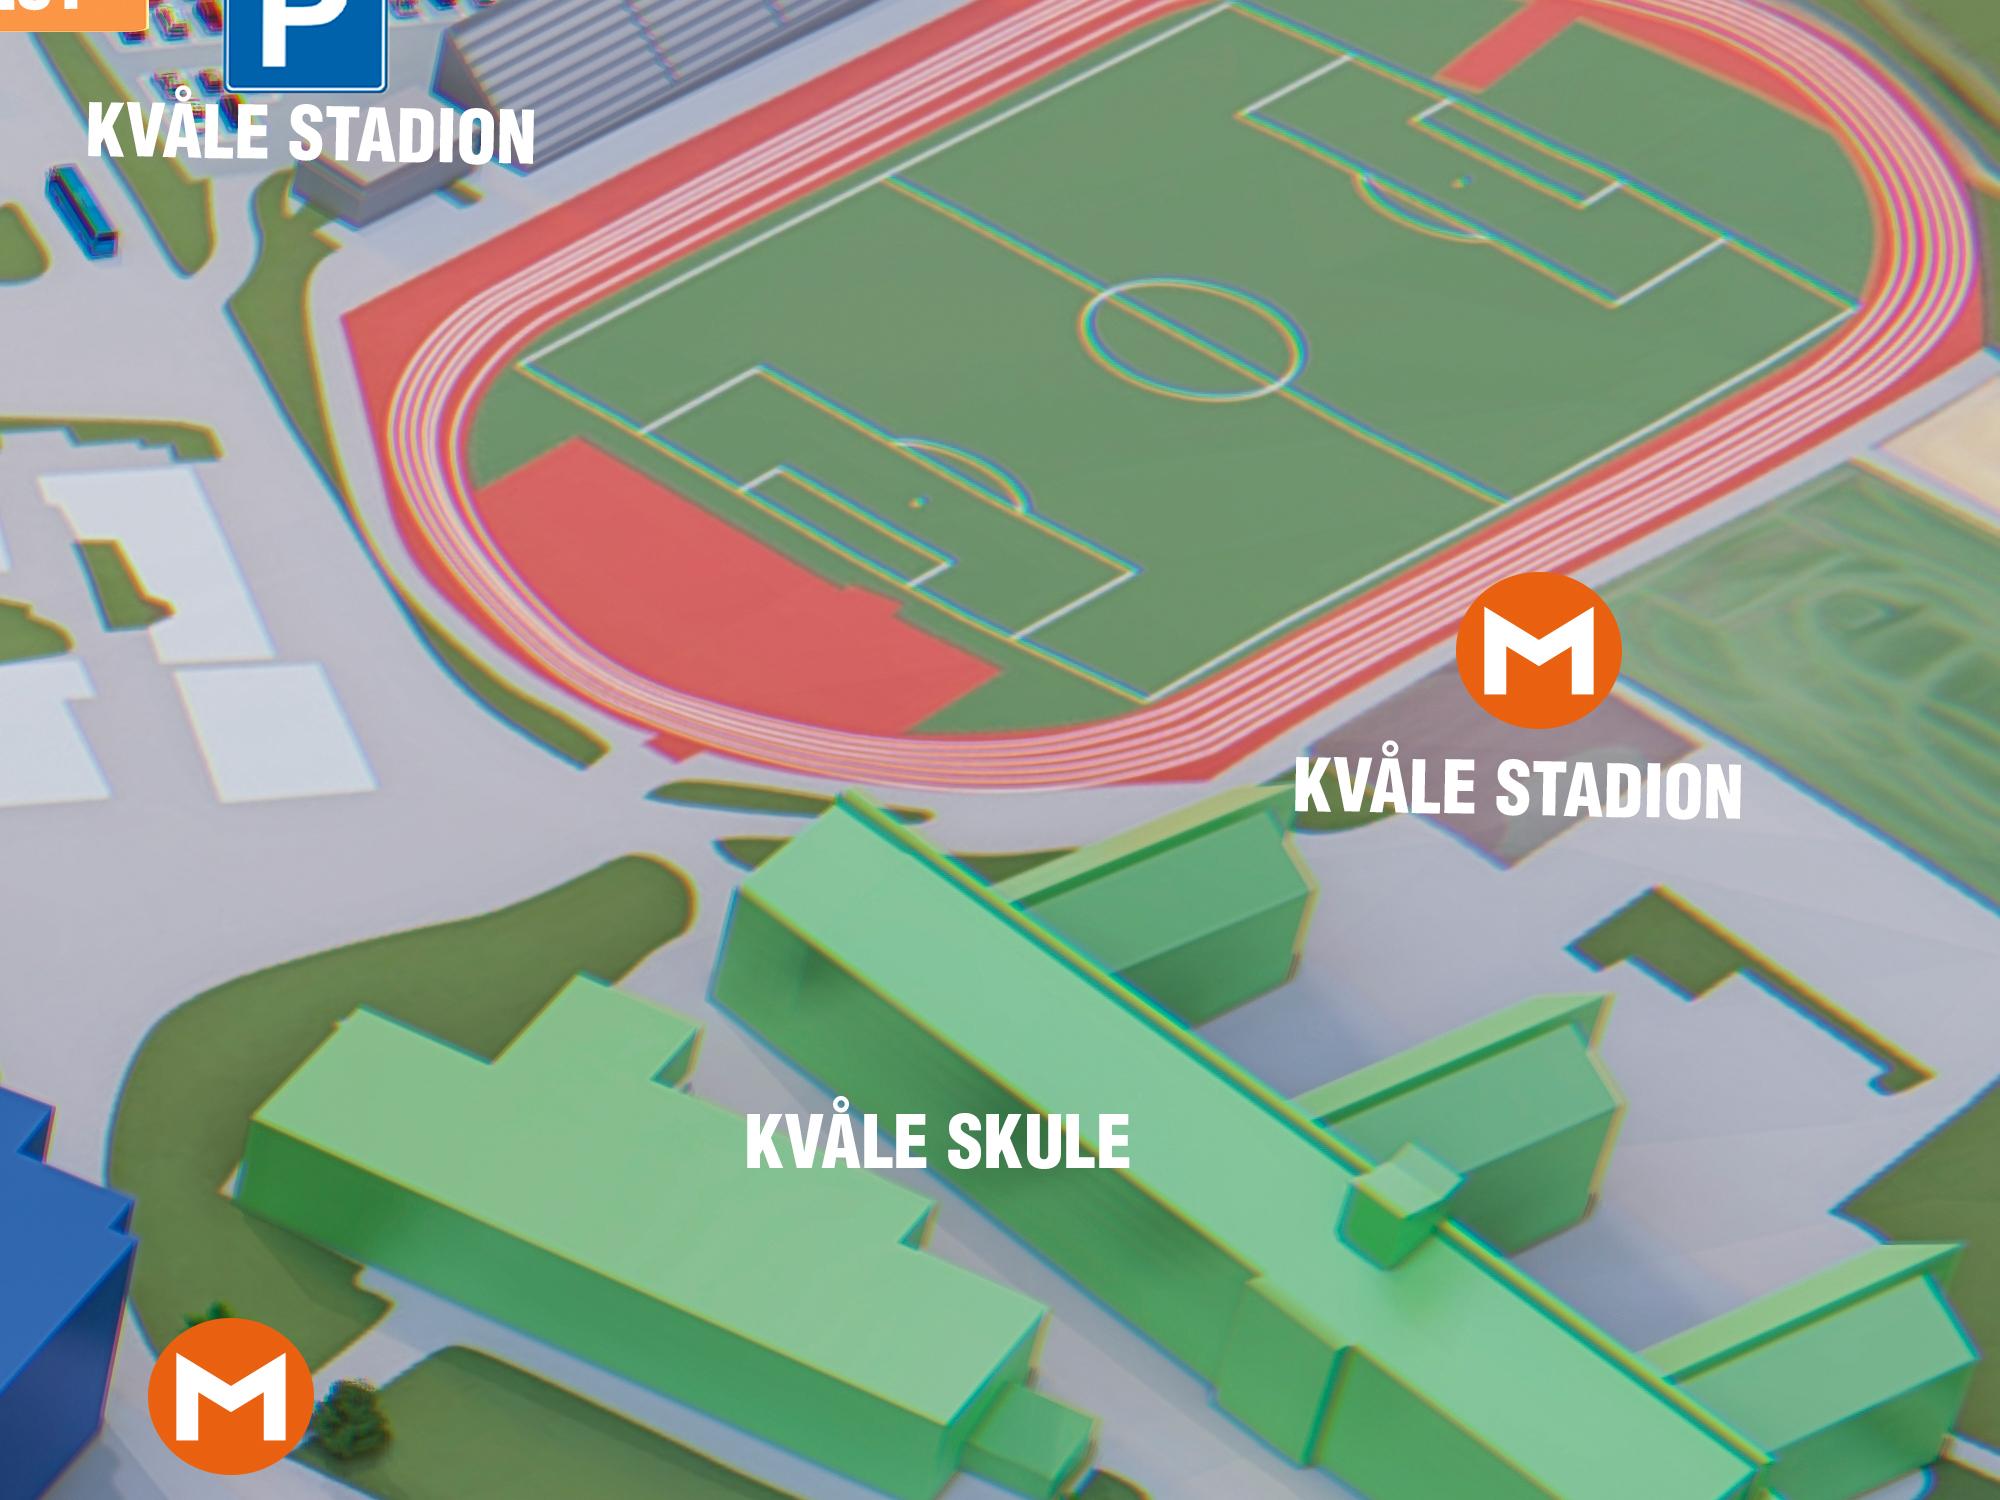 Kvåle Stadion - Møteplass for deg som skal til Kvåle stadion for trening eller aktivitet. Ligg rett bak Kvåle skule og i nærleiken av